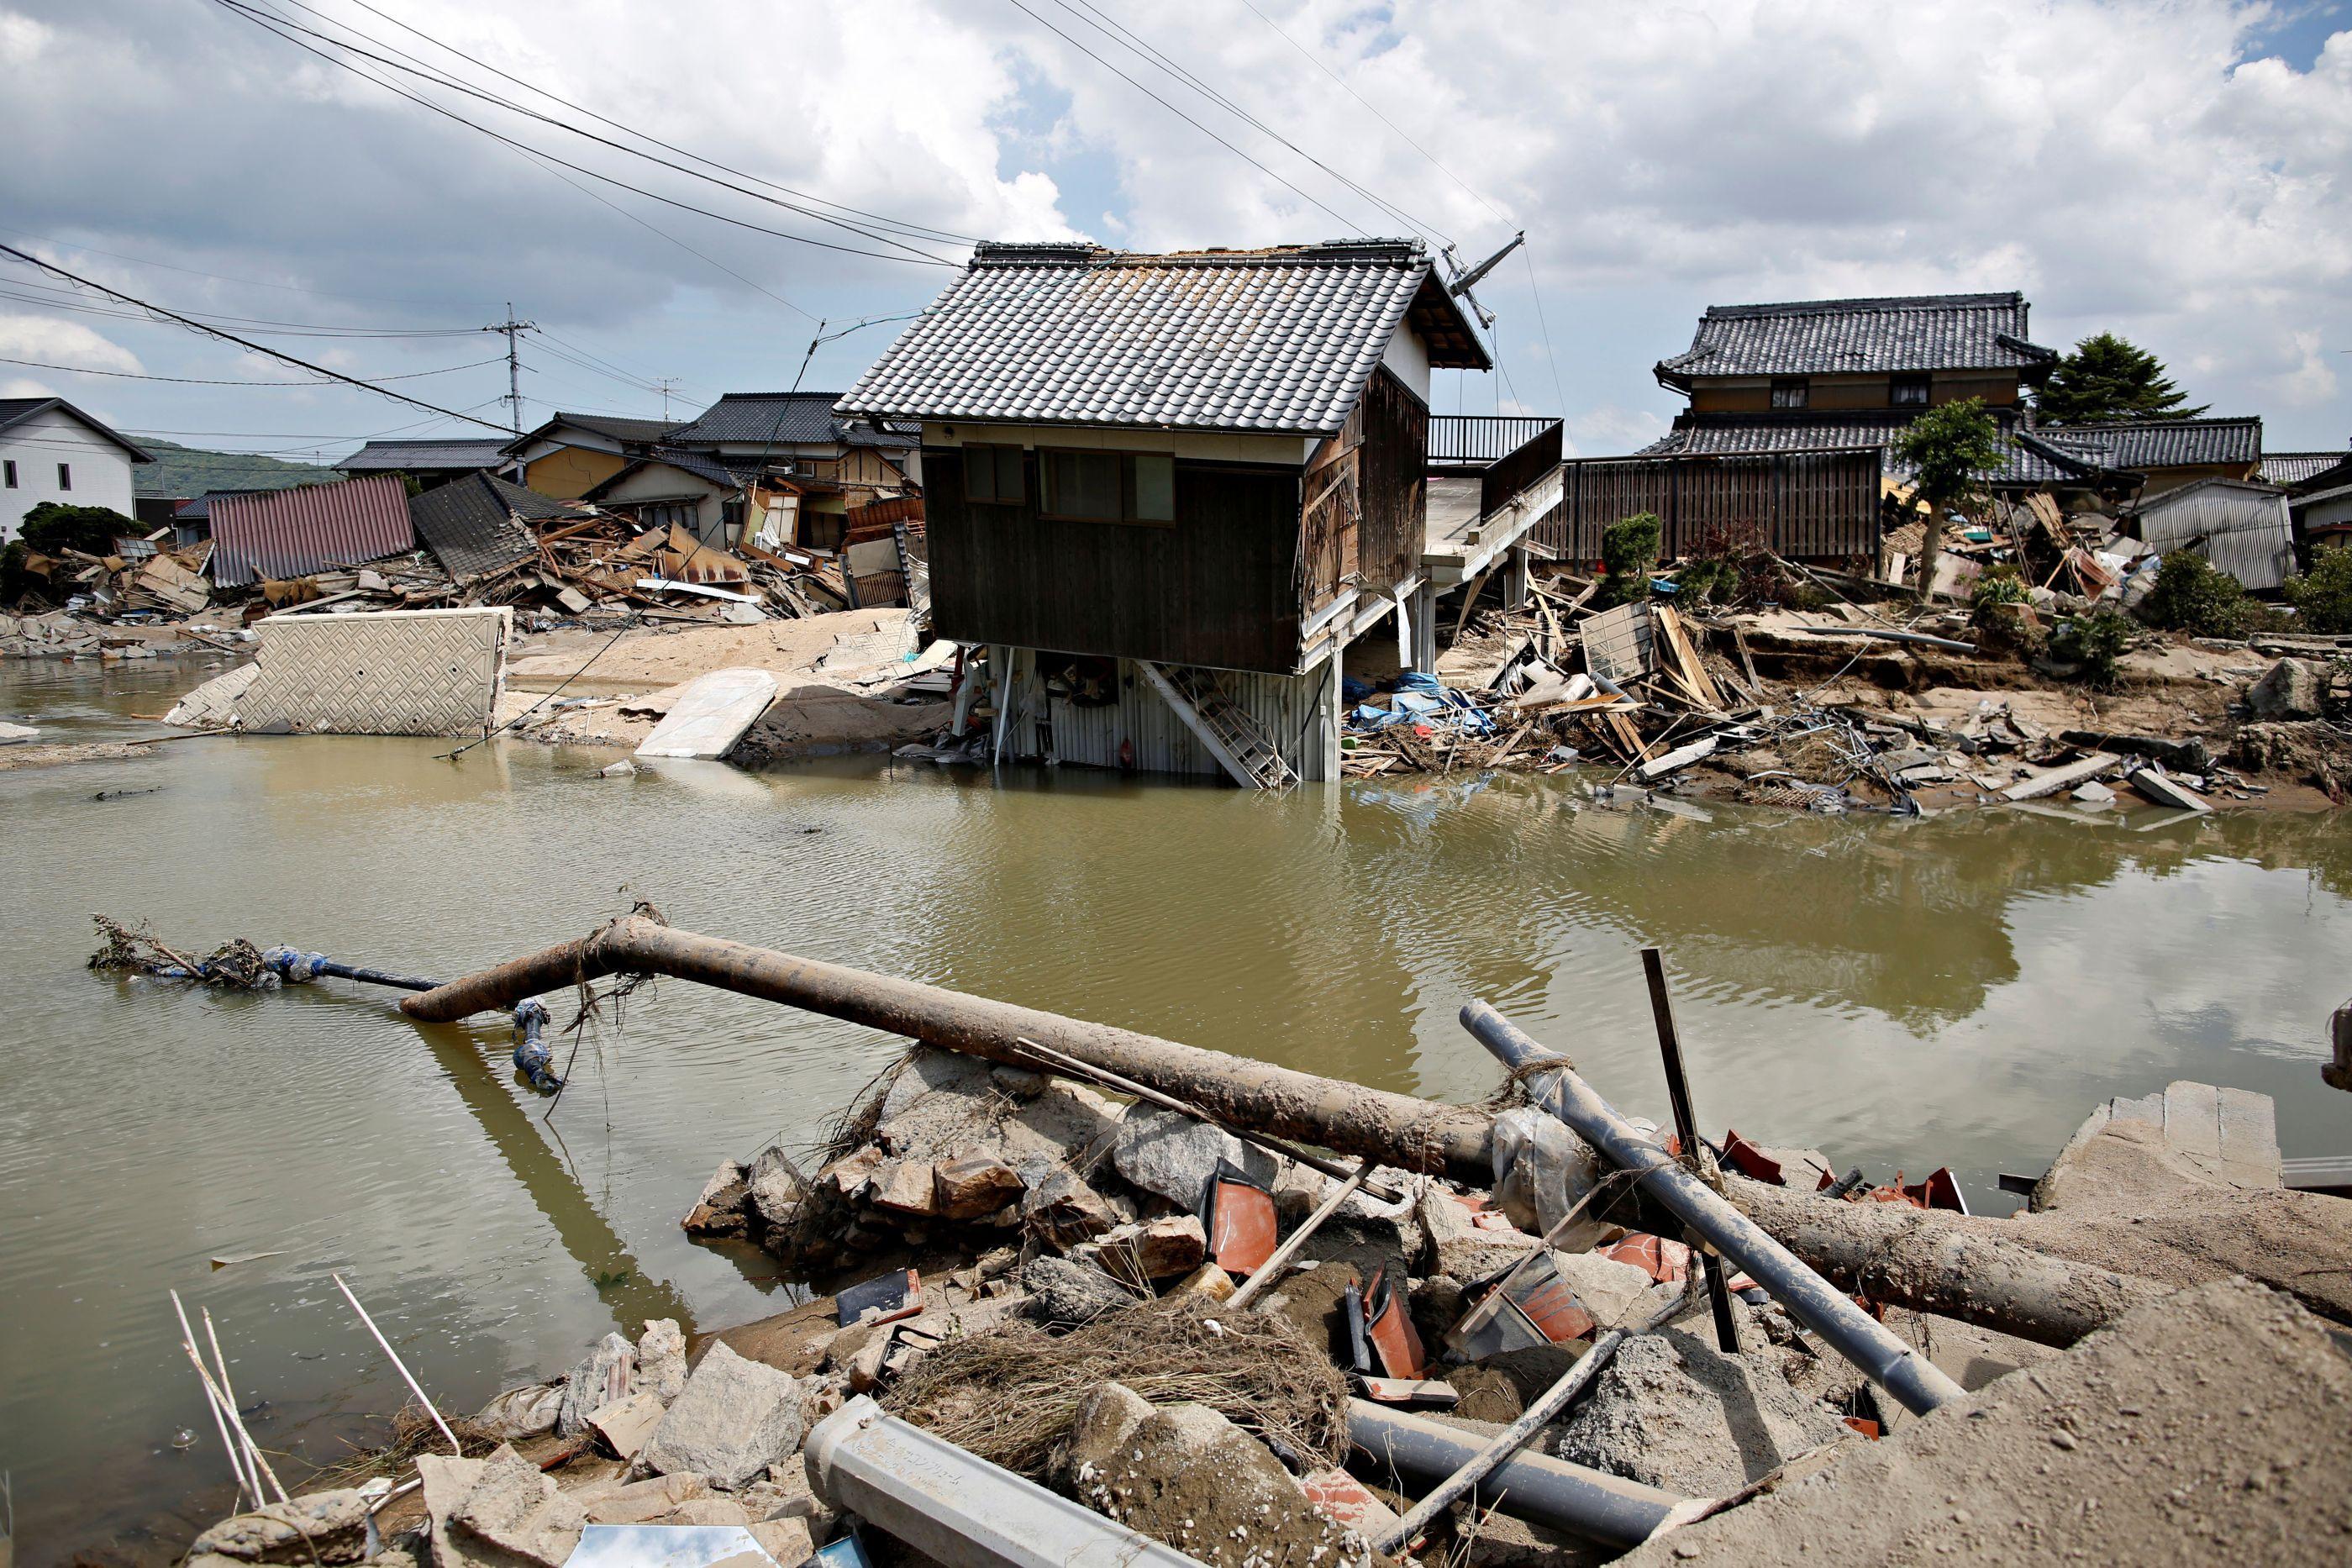 Novo balanço aponta para 150 mortos devido às chuvas no Japão